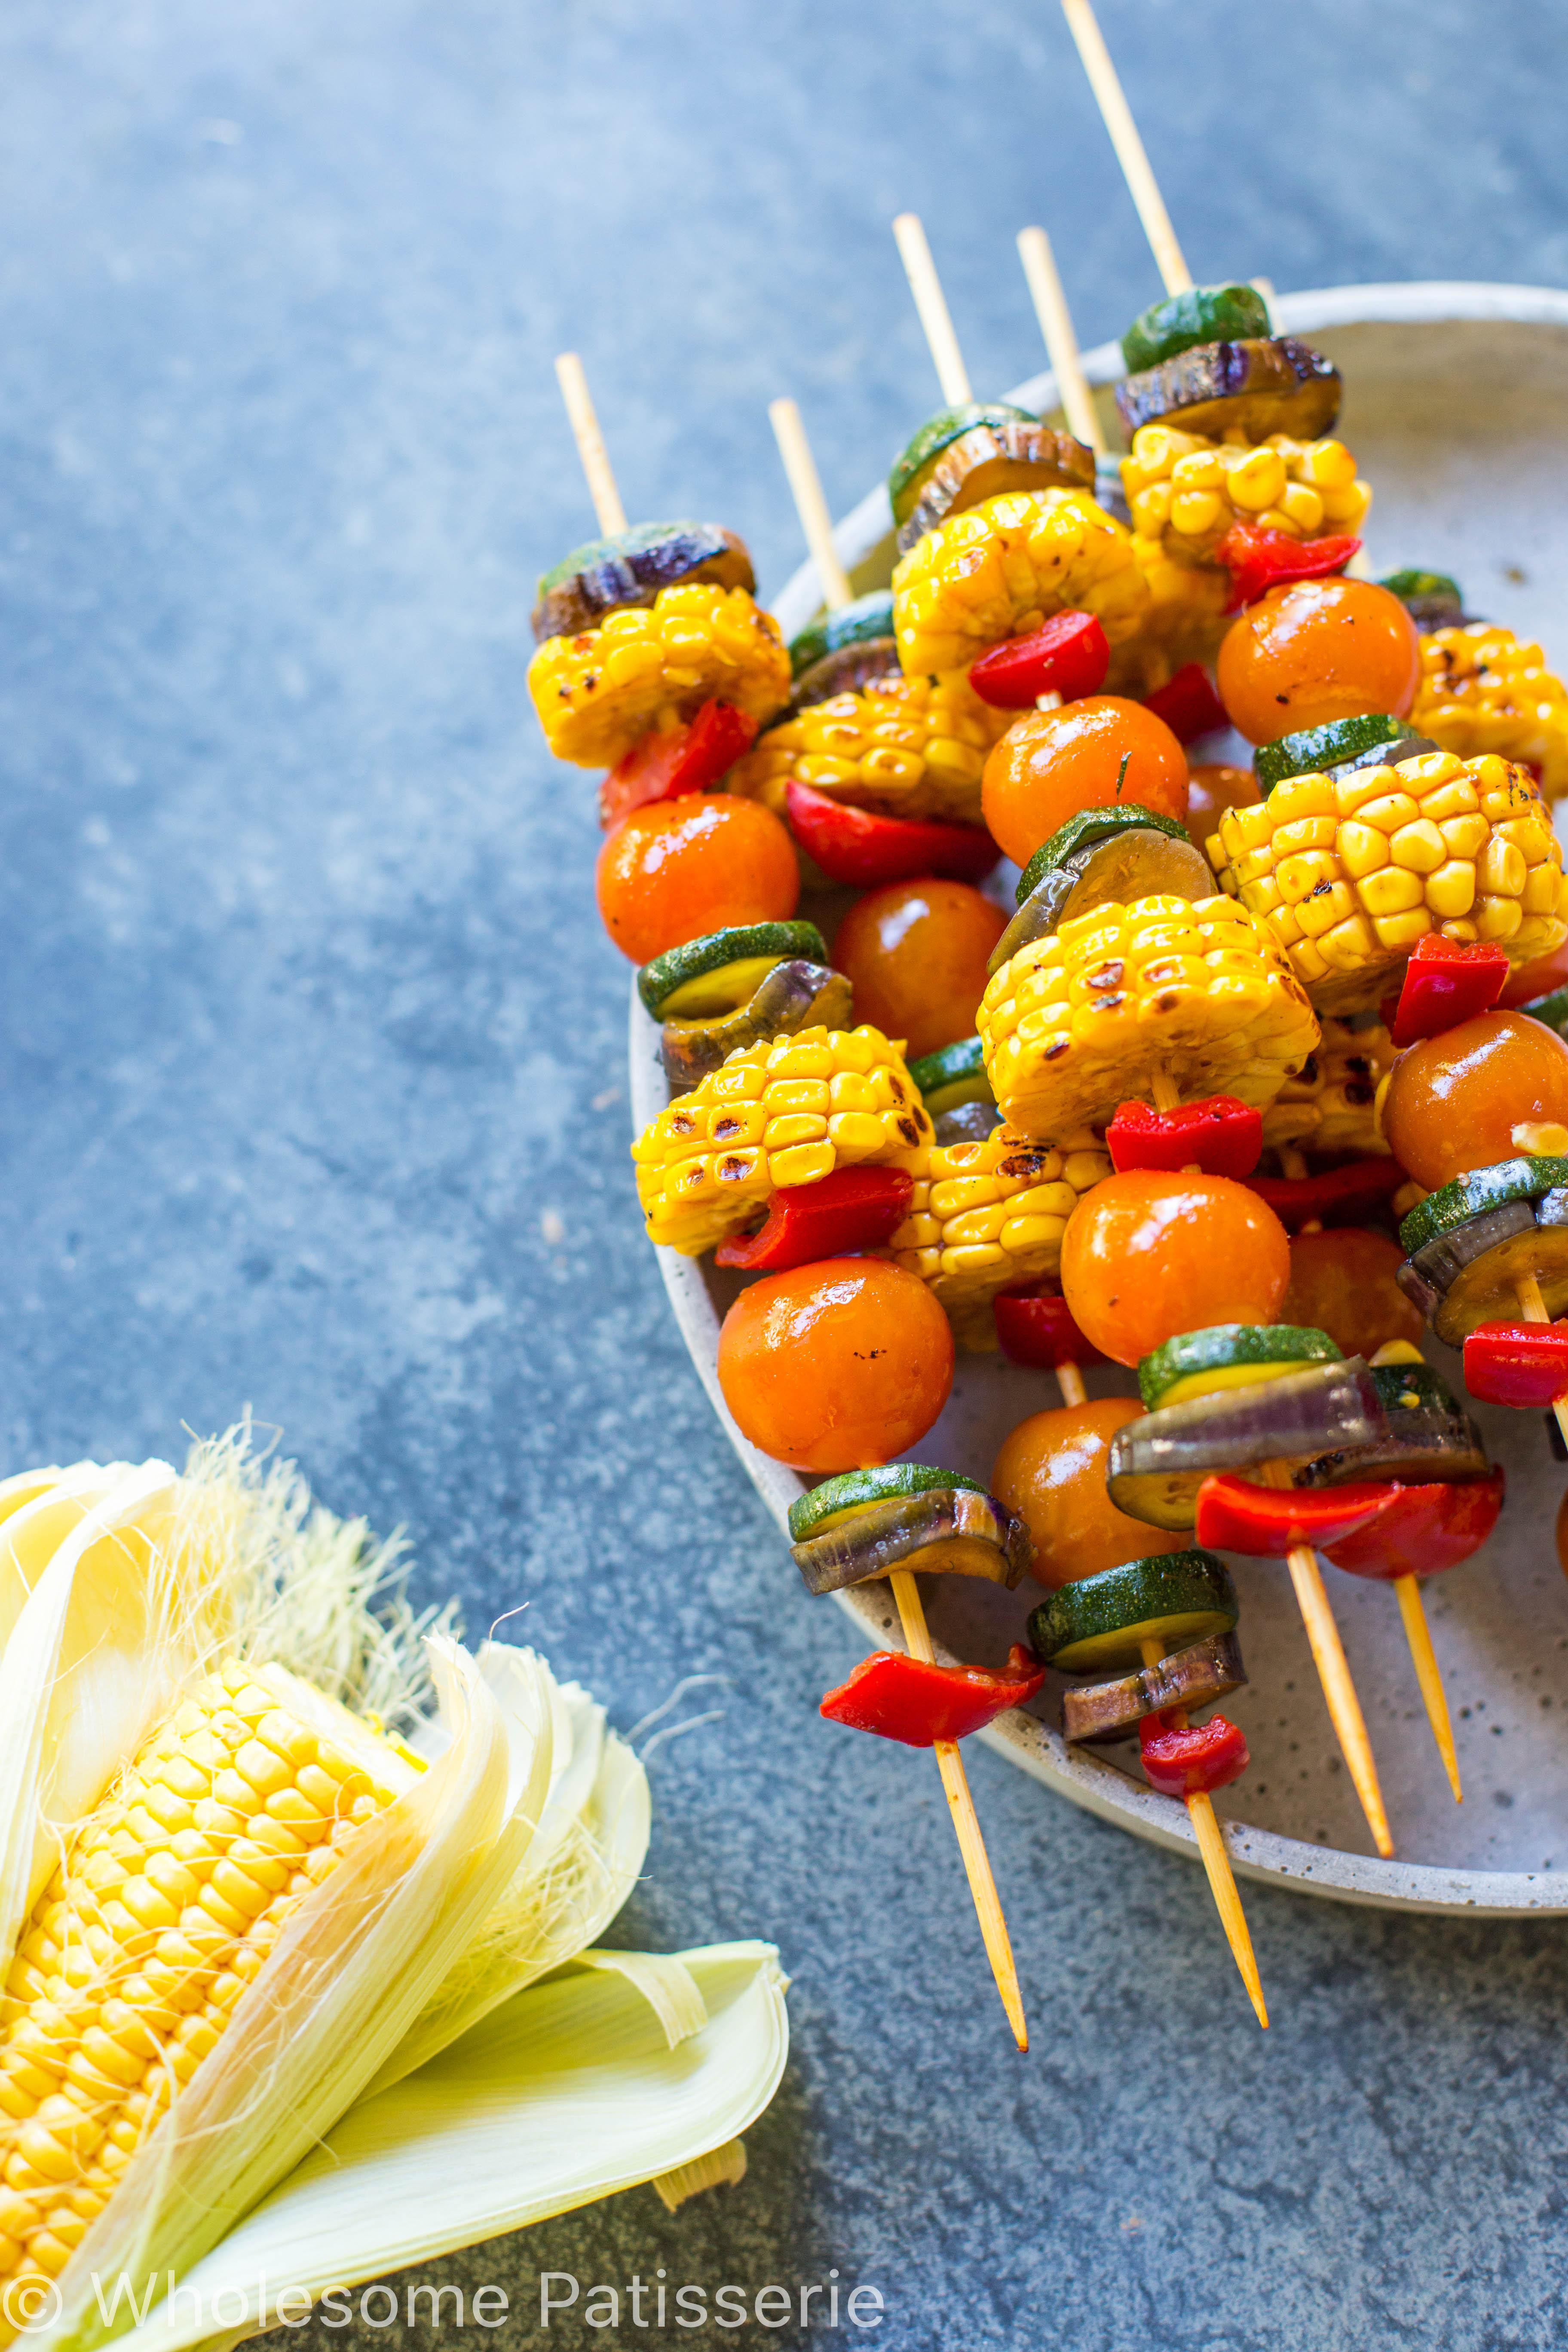 honey-soy-garlic-vegetable-skewers-gluten-free-vegan-vegetarian-kebabs-christmas